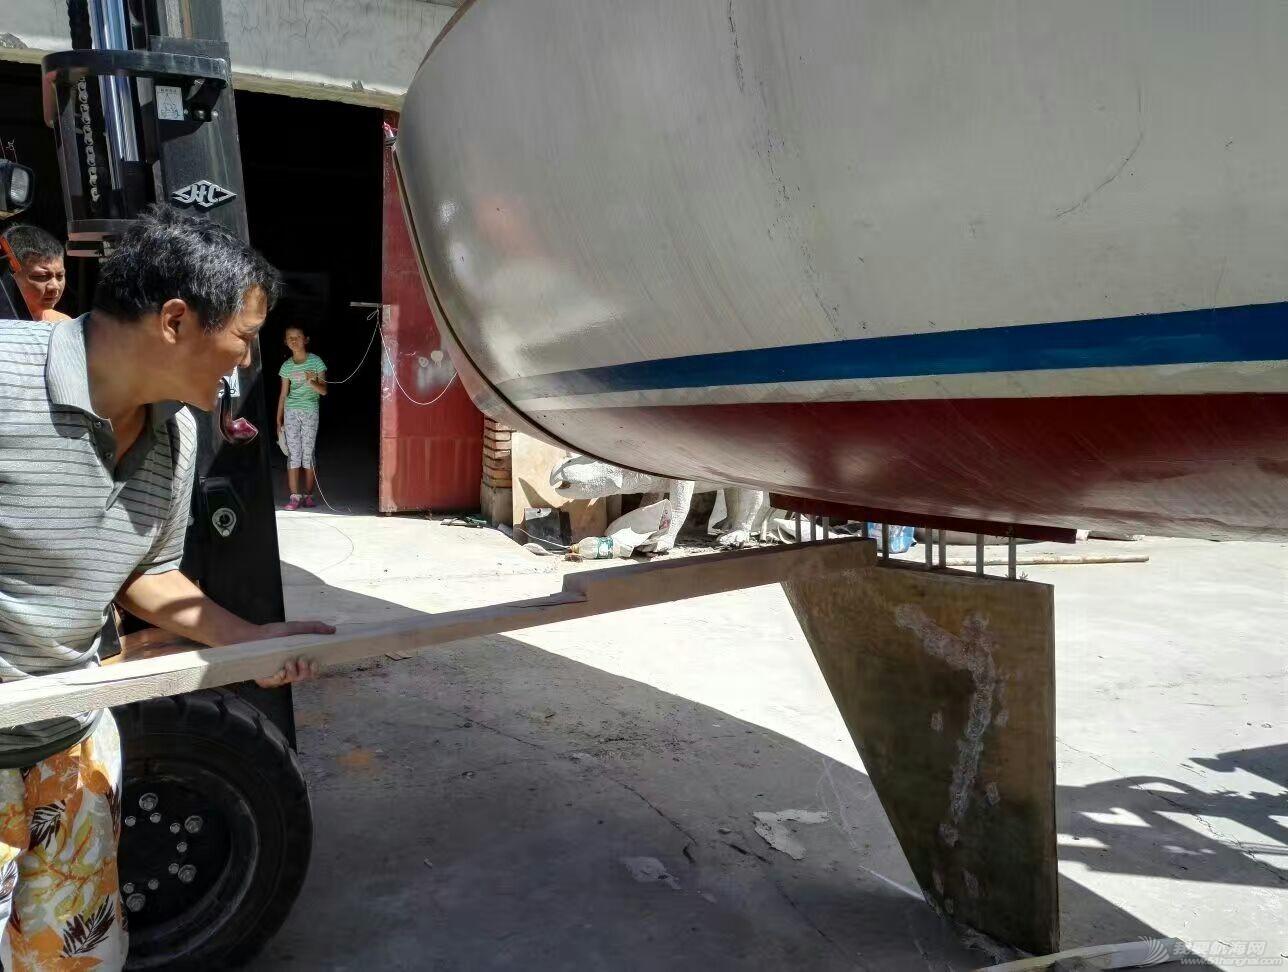 帆船 GR-750帆船龙骨安装 mmexport1472337955948.jpg